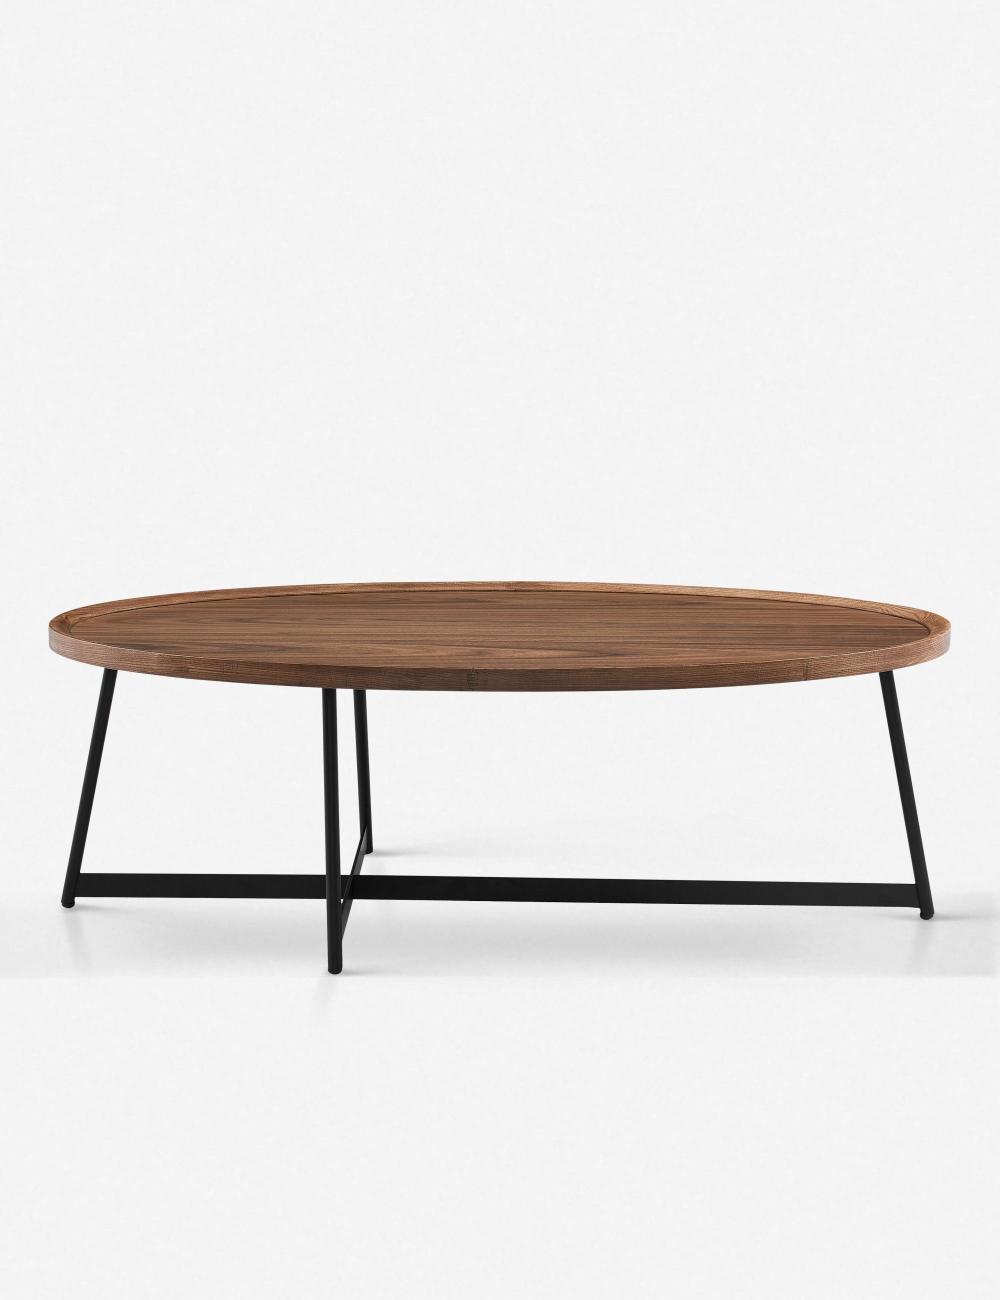 Gweneth Oval Coffee Table Walnut In 2021 Coffee Table Oval Wood Coffee Table Oval Coffee Tables [ 1300 x 1000 Pixel ]